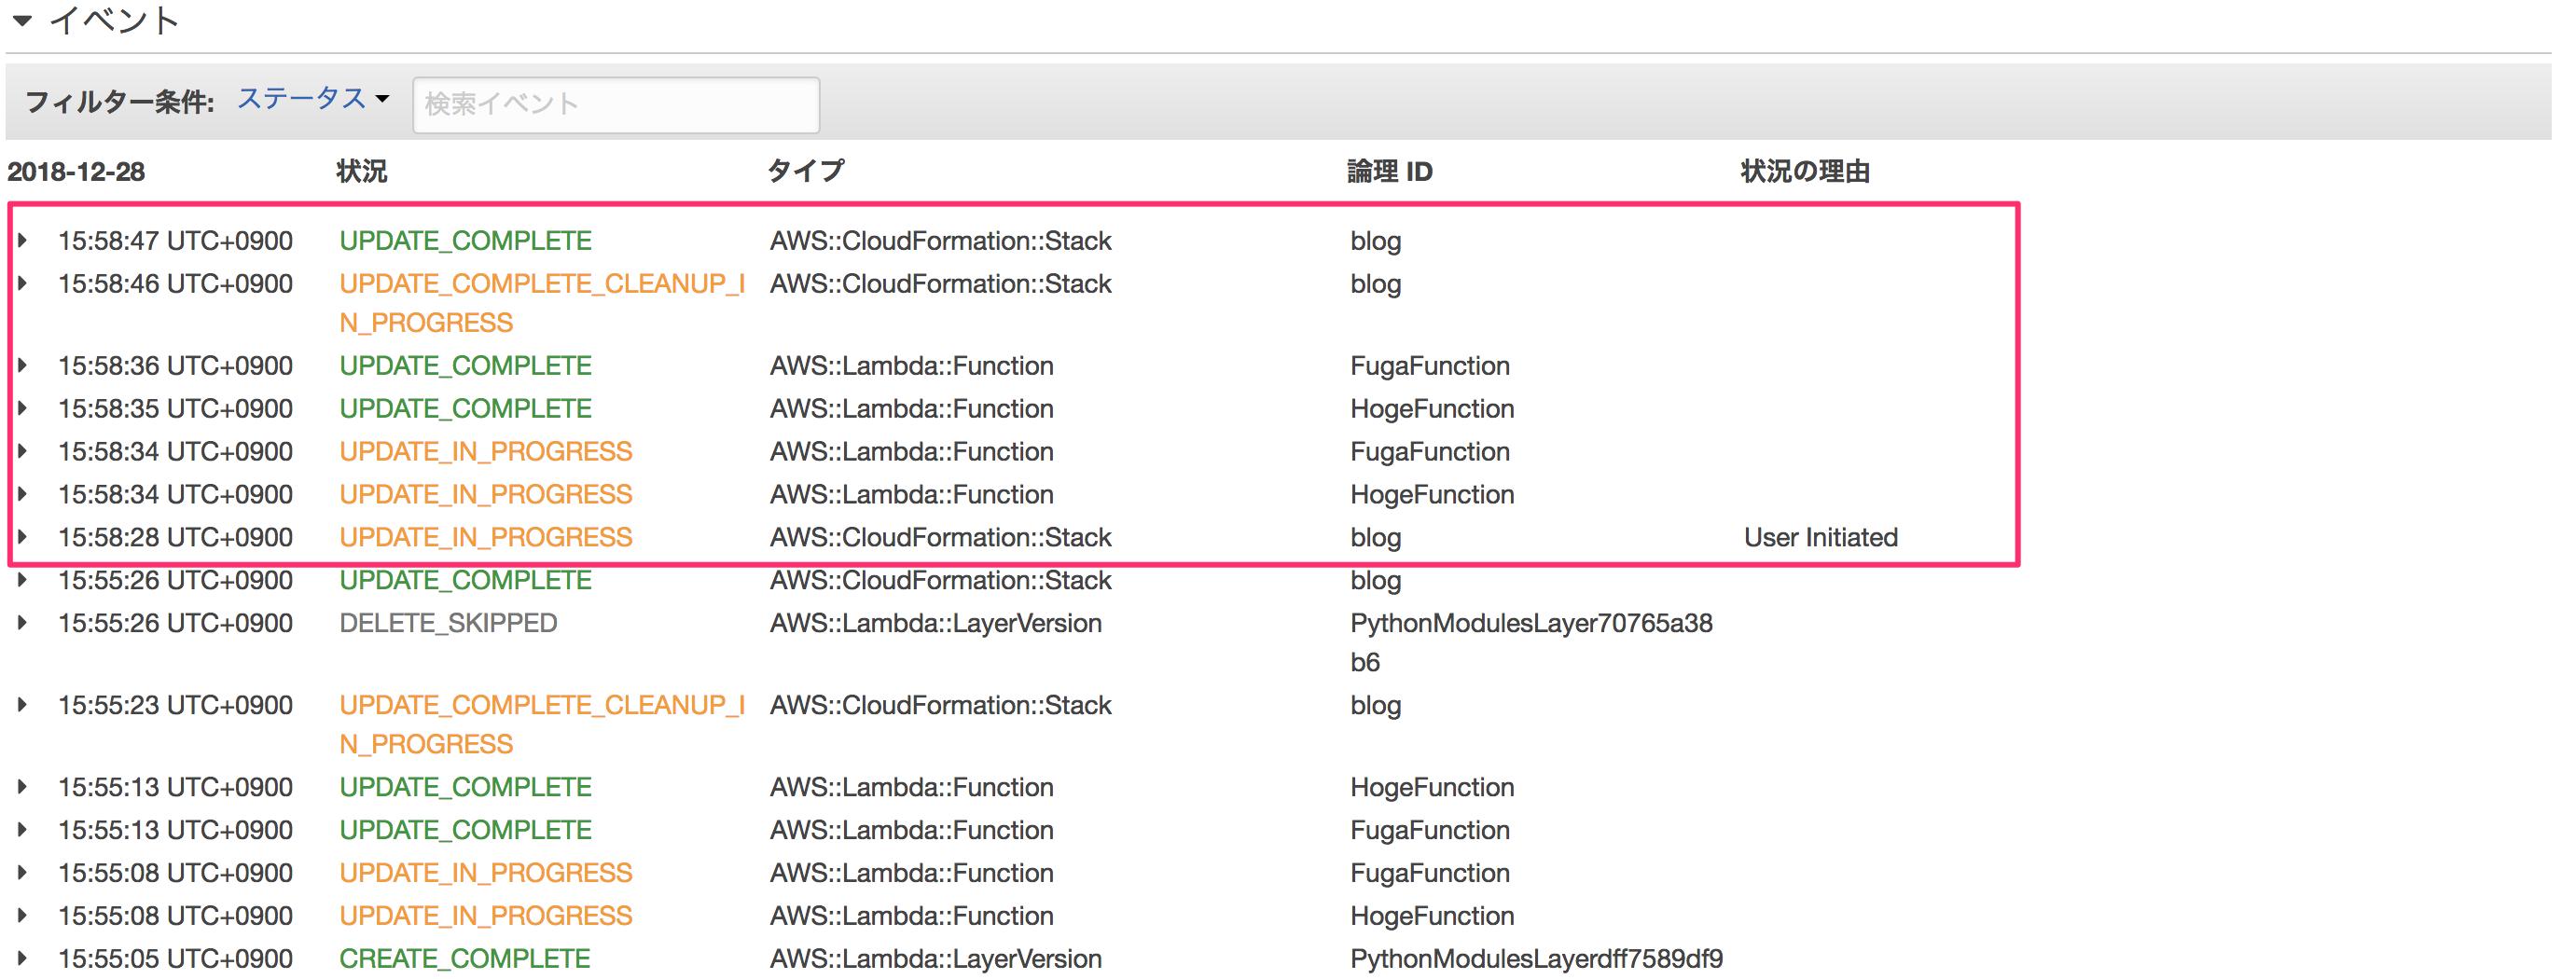 本当にLambda Layersで幸せになれるのか? 旧式のデプロイ方式からLambda